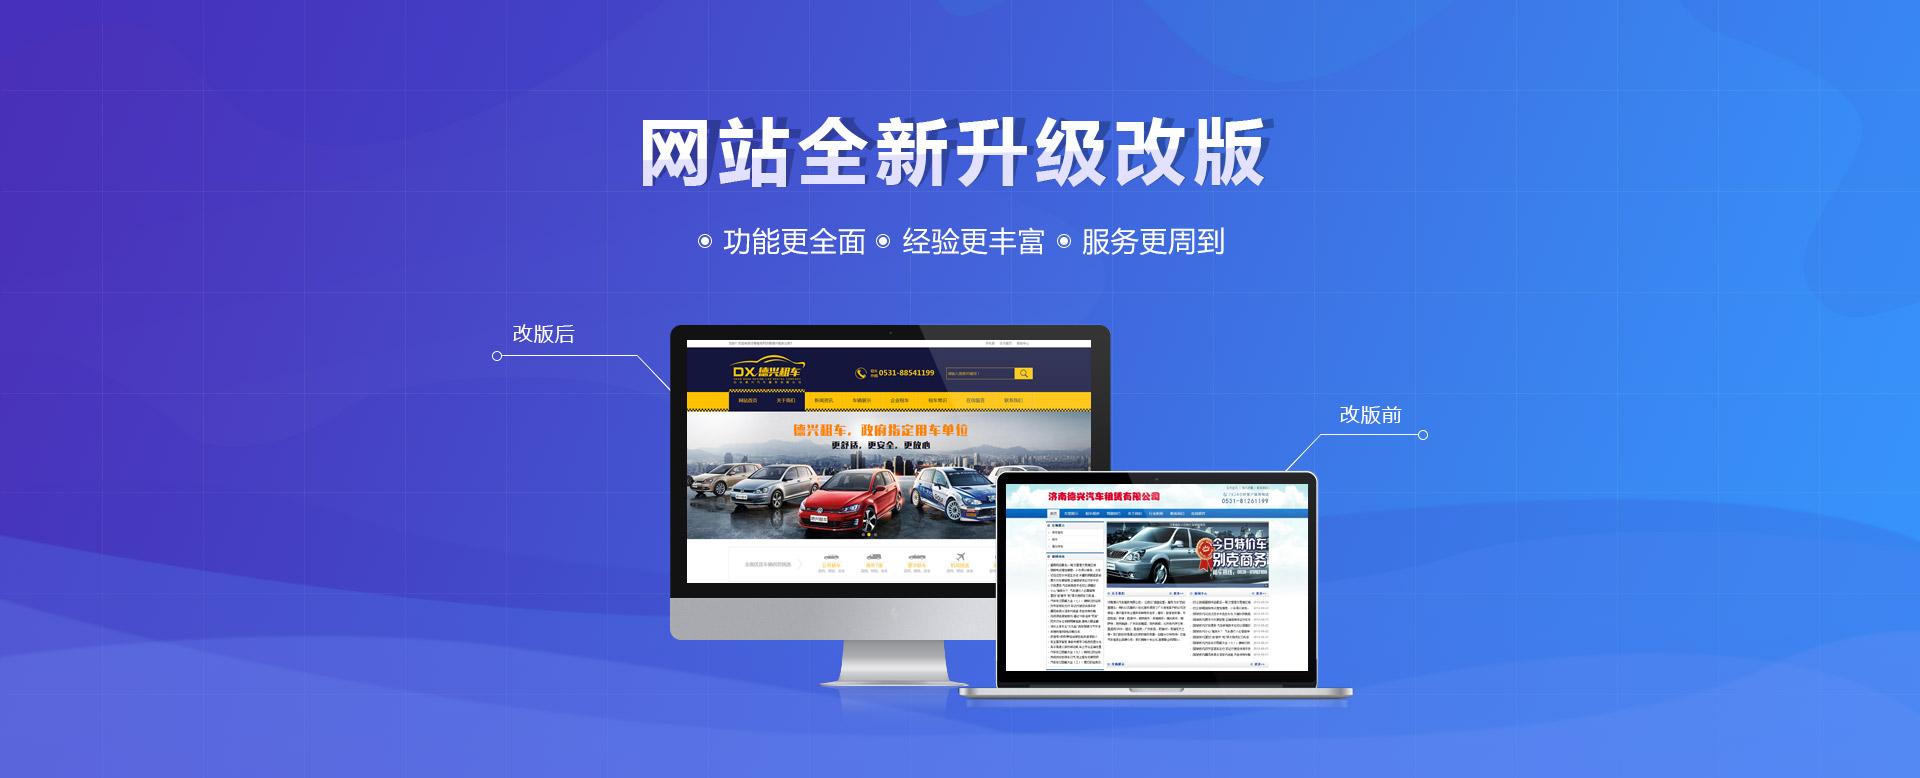 专业的济南网站建设_文汇传媒